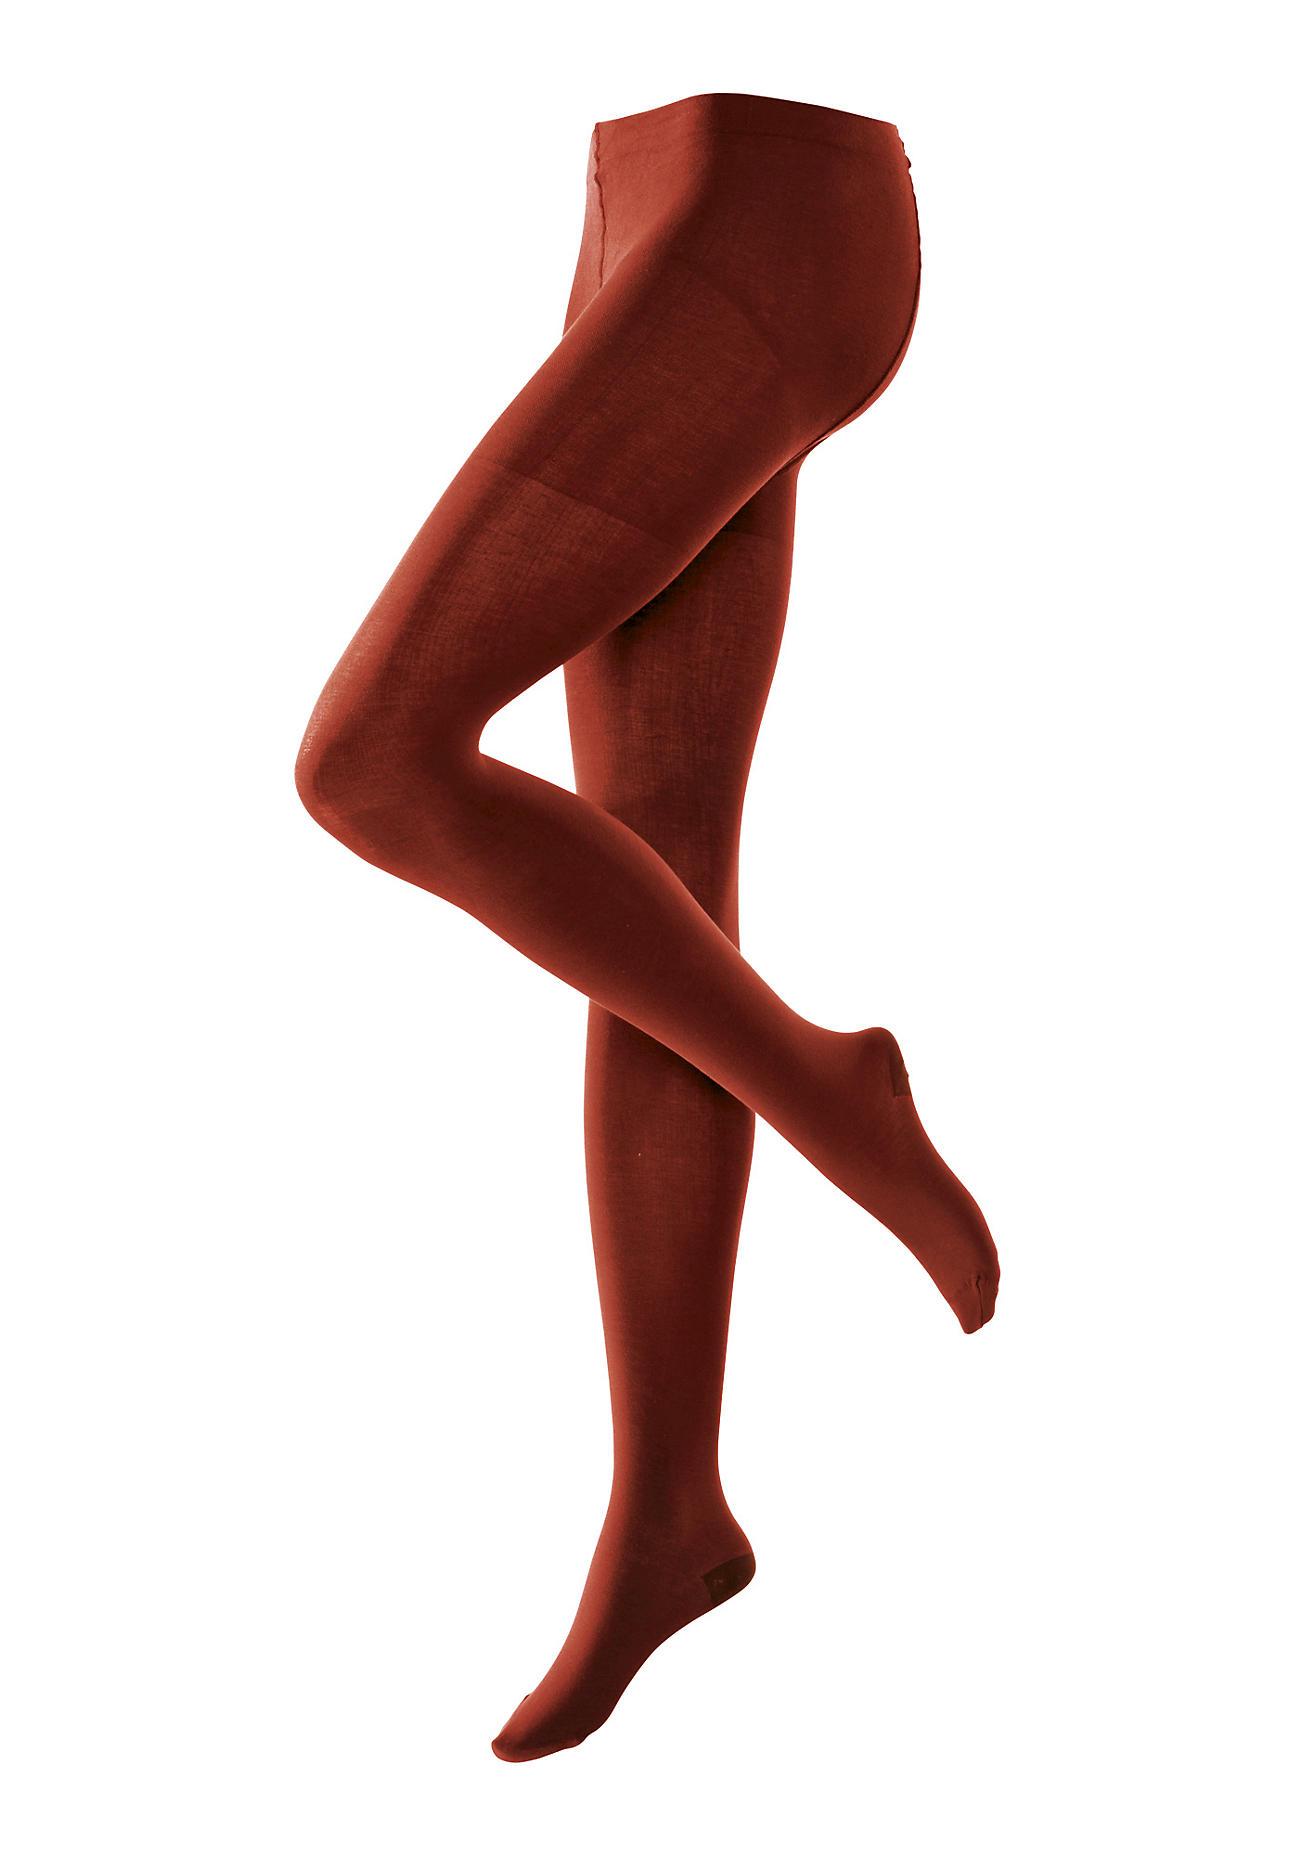 Strumpfhosen für Frauen - hessnatur Feinstrumpfhose aus Bio Baumwolle – rot –  - Onlineshop Hessnatur